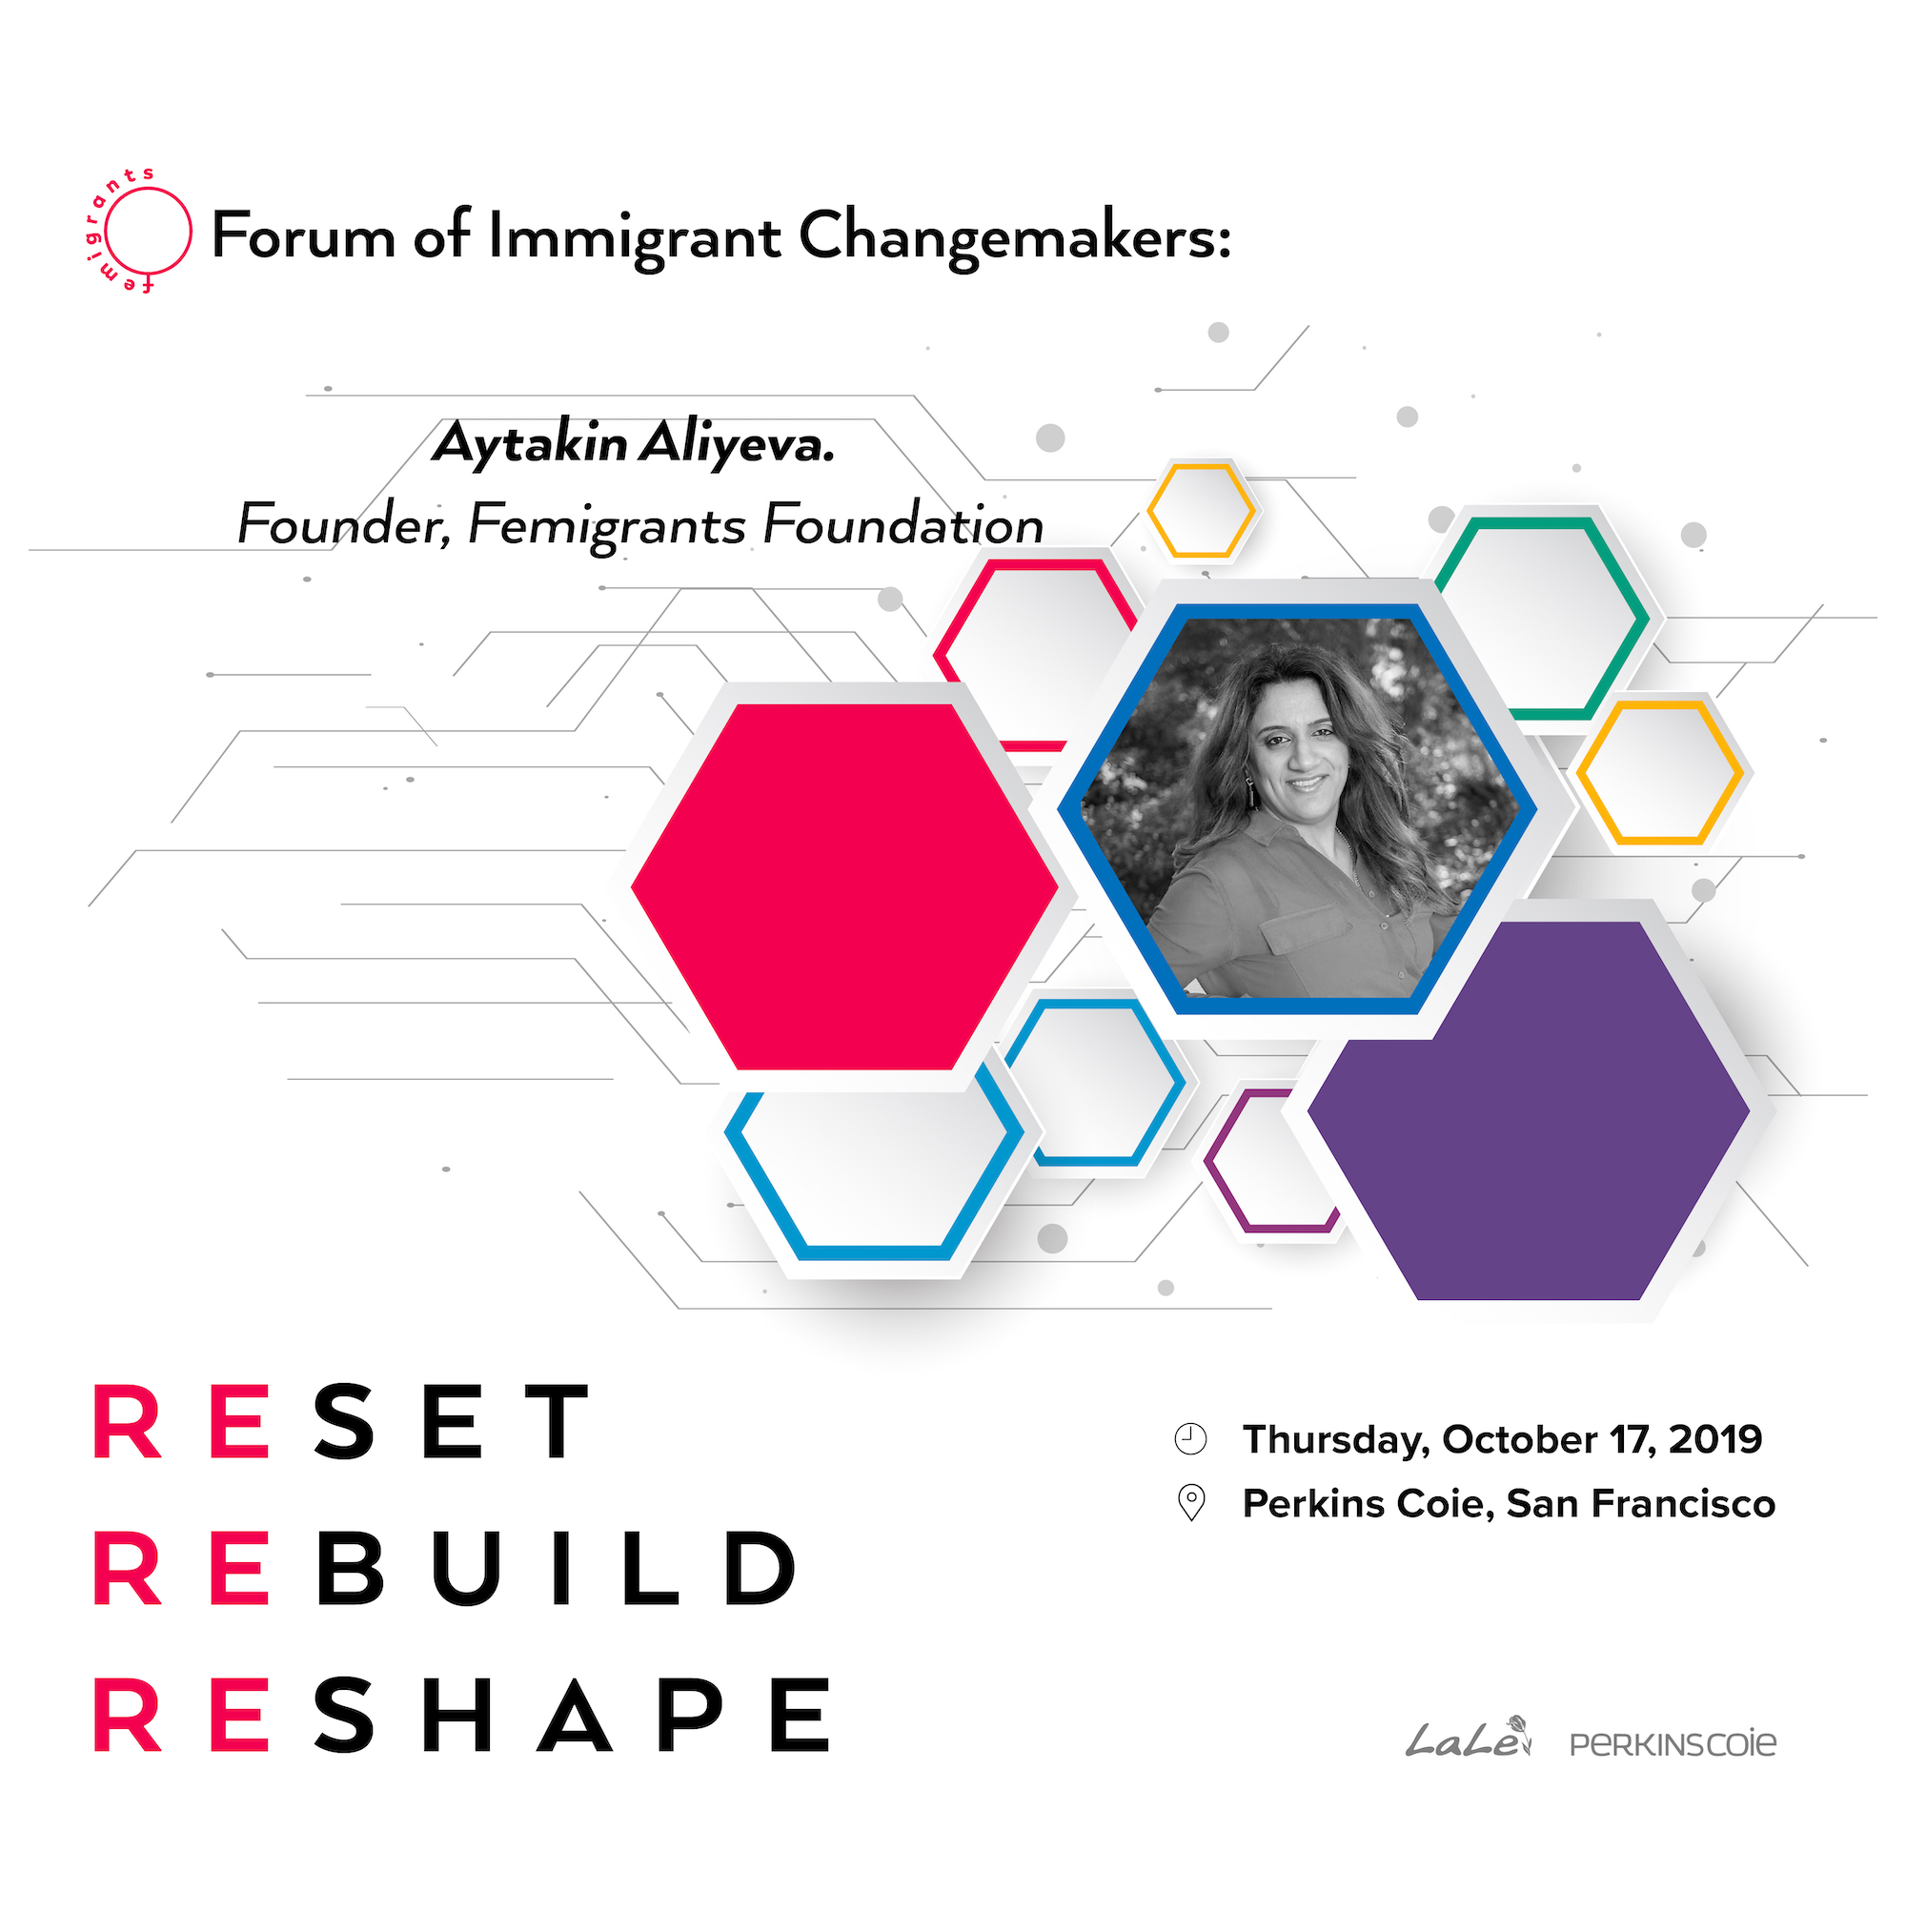 Ika Aliyeva, Founder of Femigrants Foundation